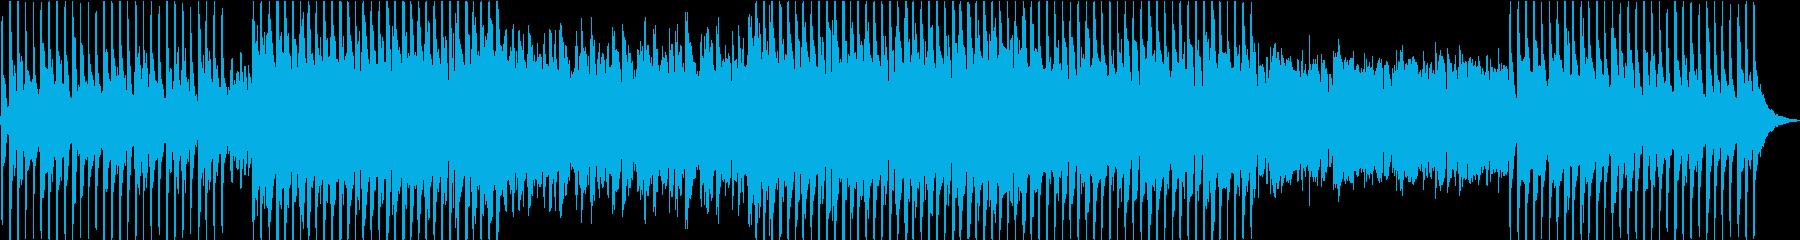 【思考テクスチュア】混沌混乱 推理 記憶の再生済みの波形